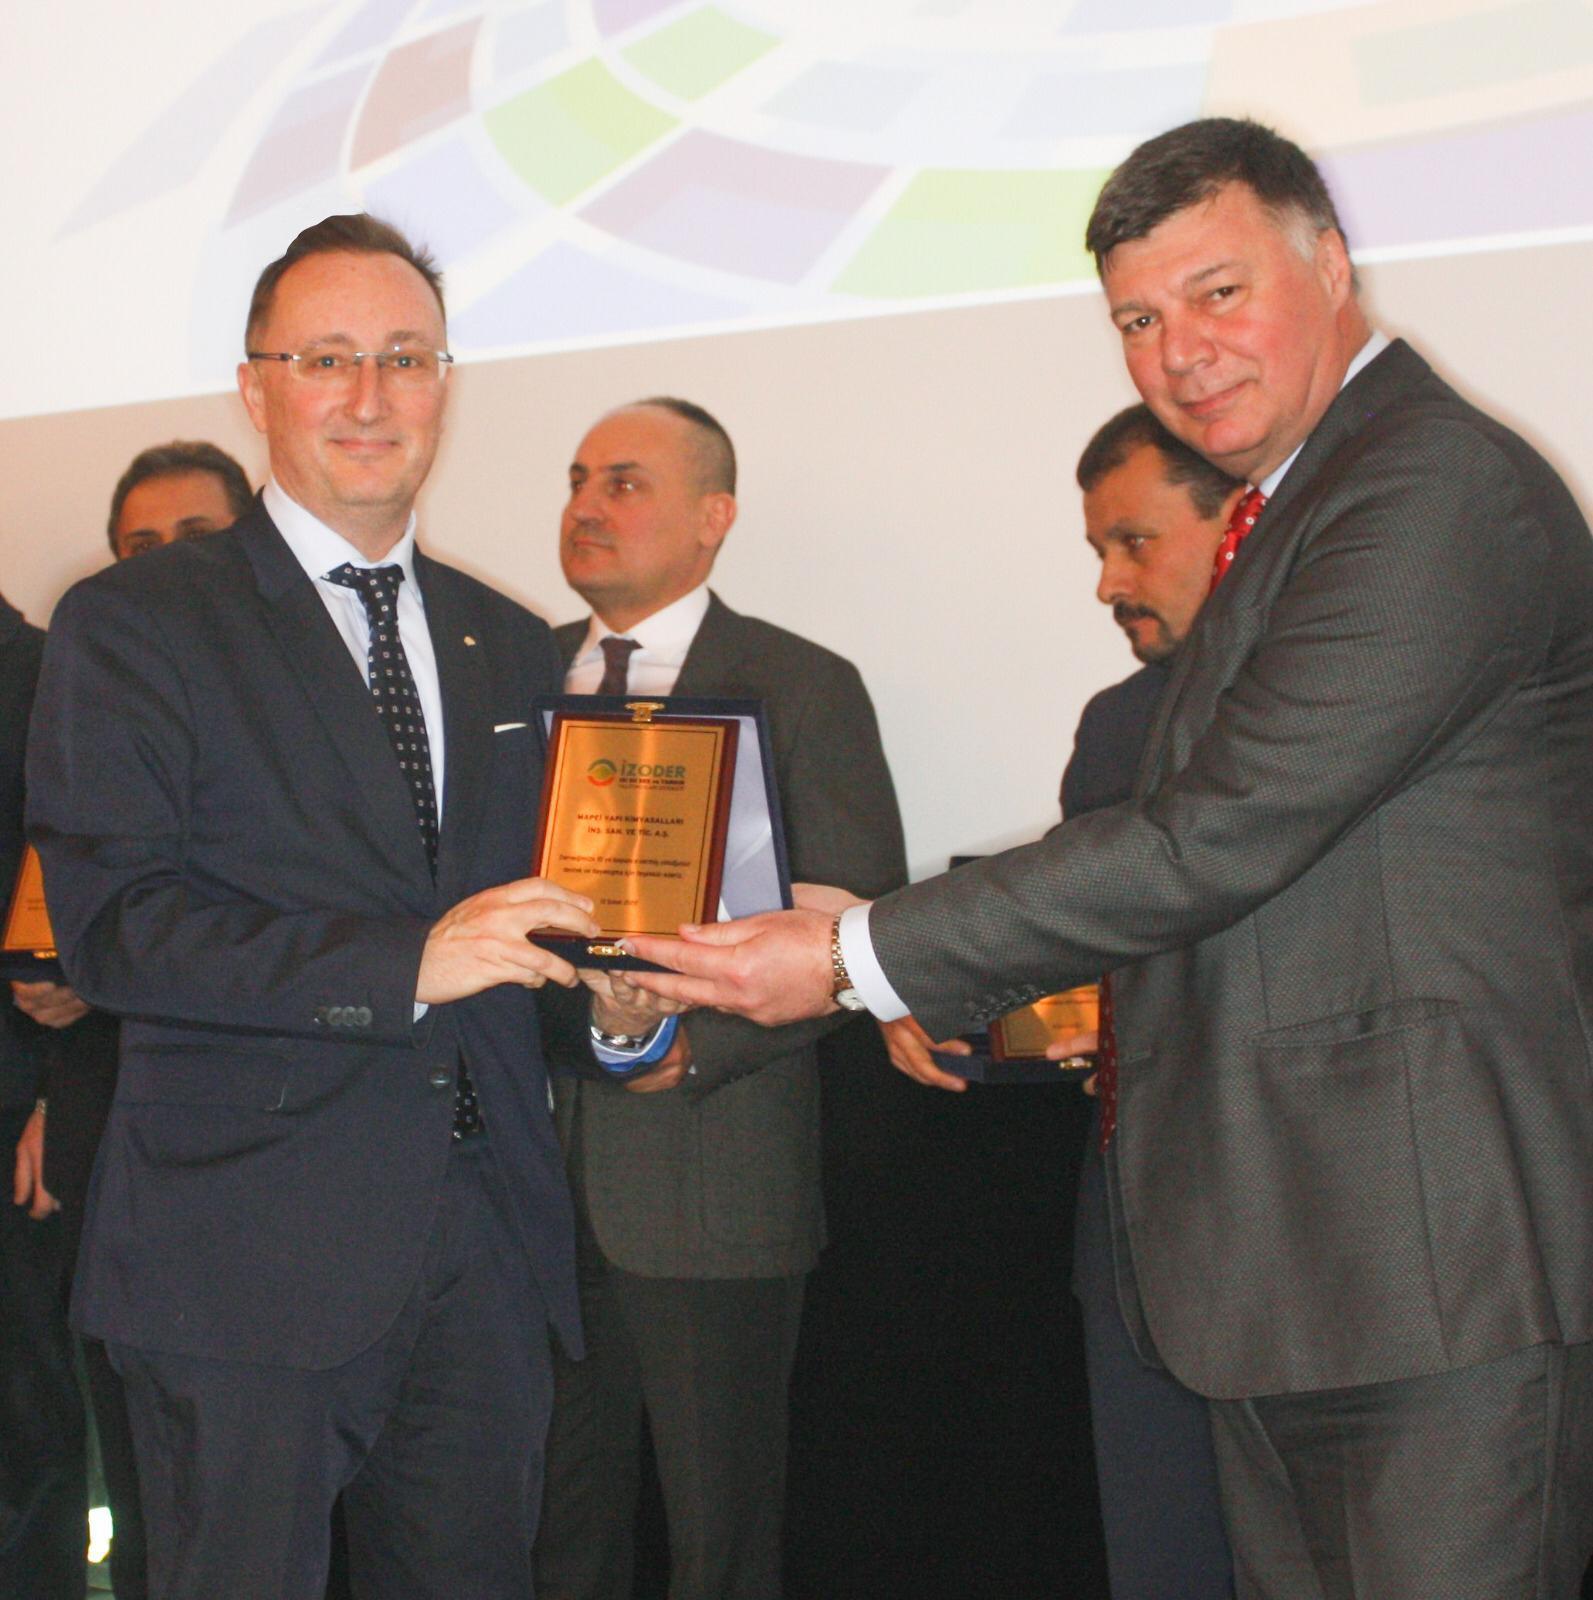 MAPEI Türkiye Genel Müdürü Selman TARMUR, 10. Yıl Üyelik Özel Plaketi aldı.